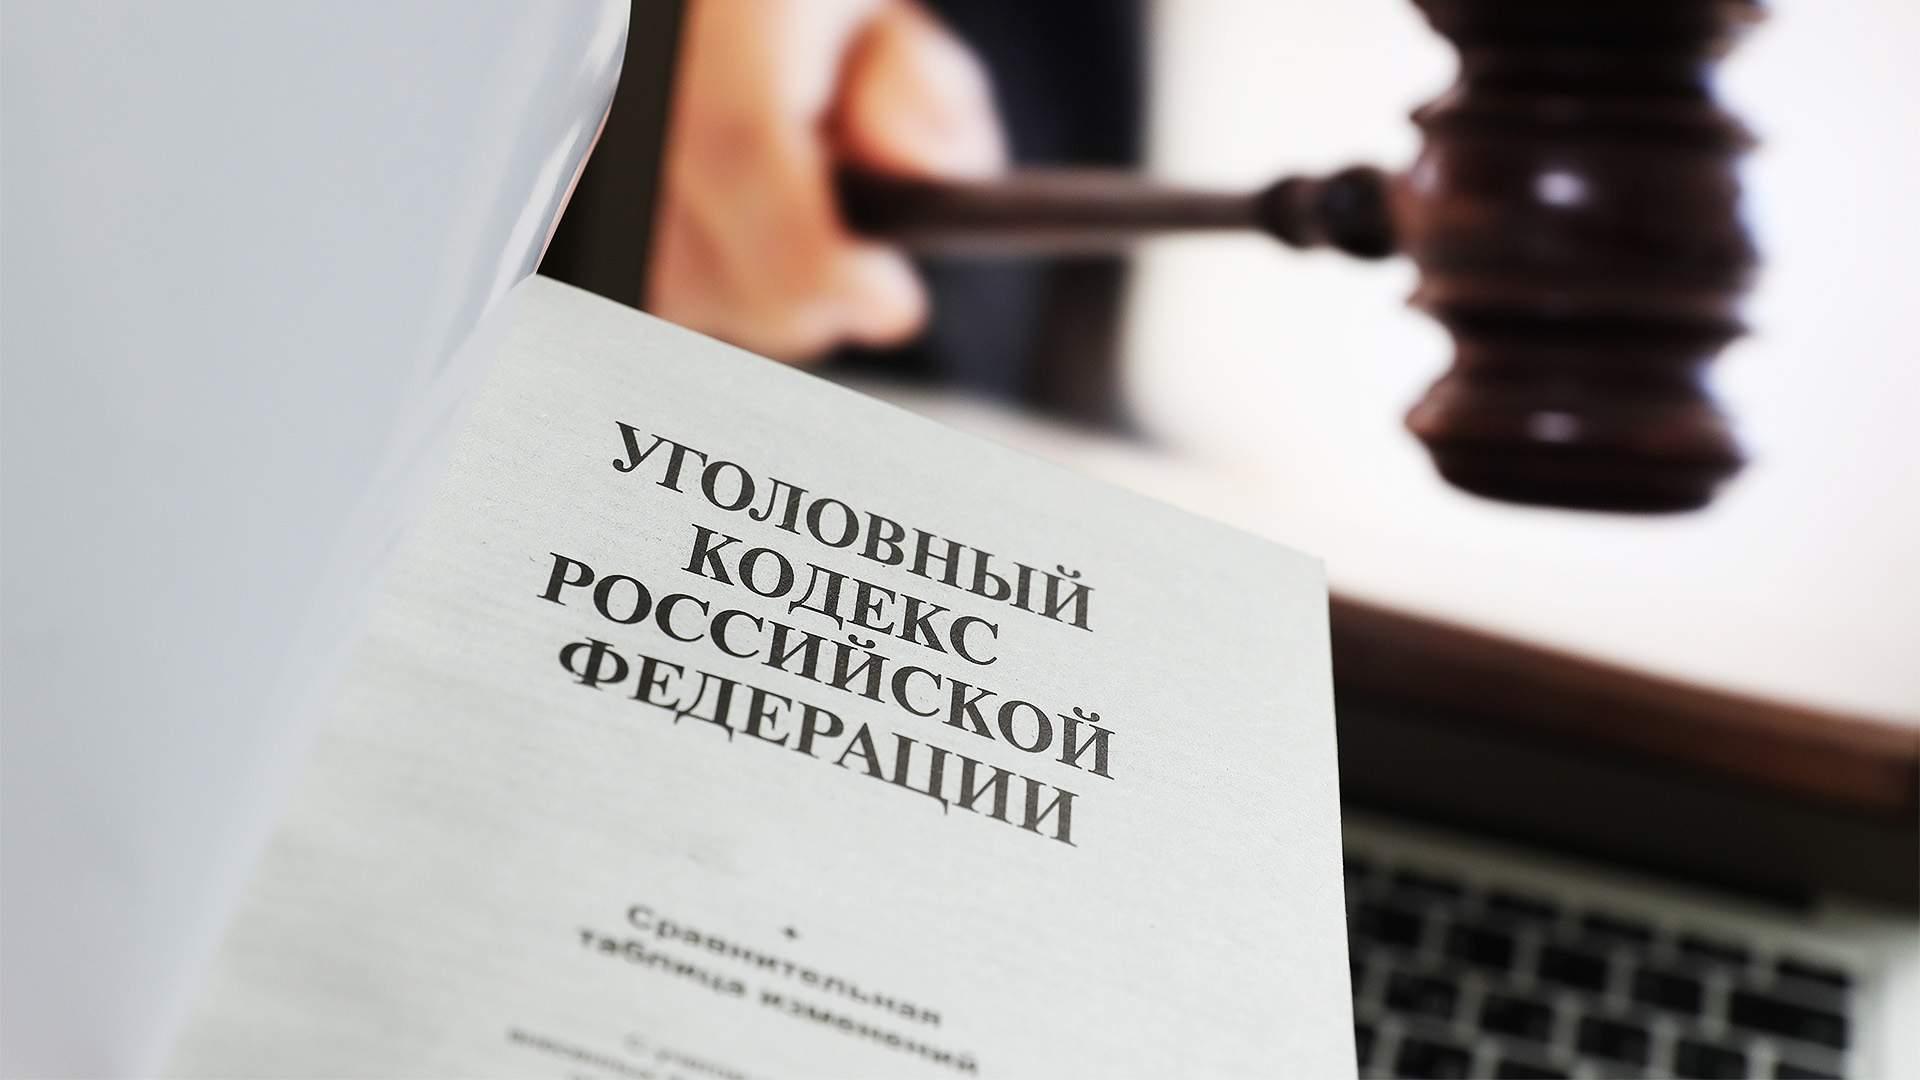 Переходим к приседаниям: в России может появиться уголовная ответственность  для юрлиц | Статьи | Известия